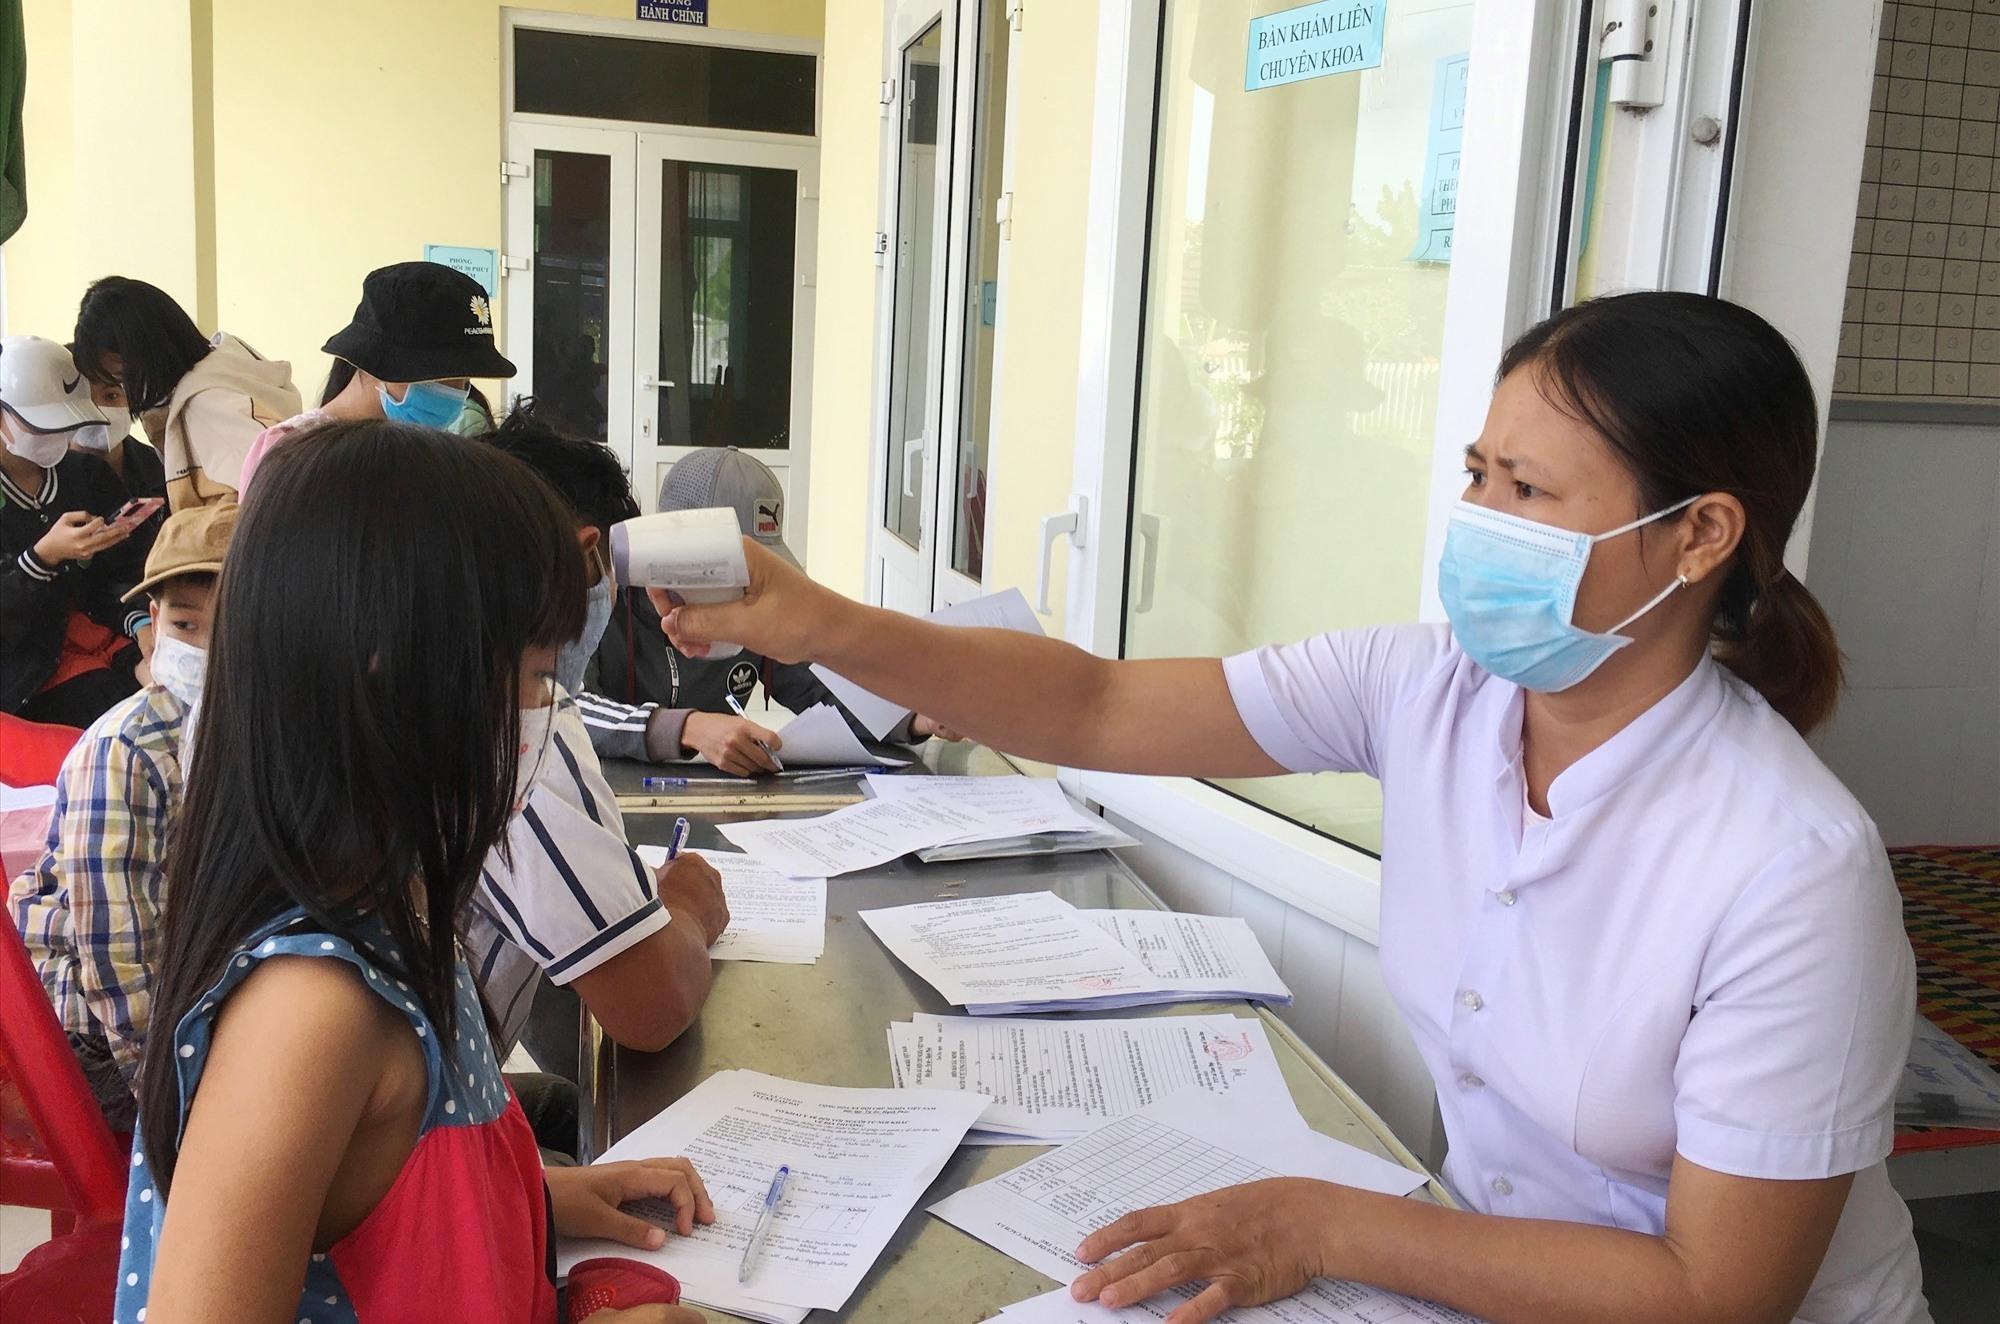 Các học sinh Trường Tiểu học Thái Phiên thực hiện khai báo y tế. Ảnh: C.Đ